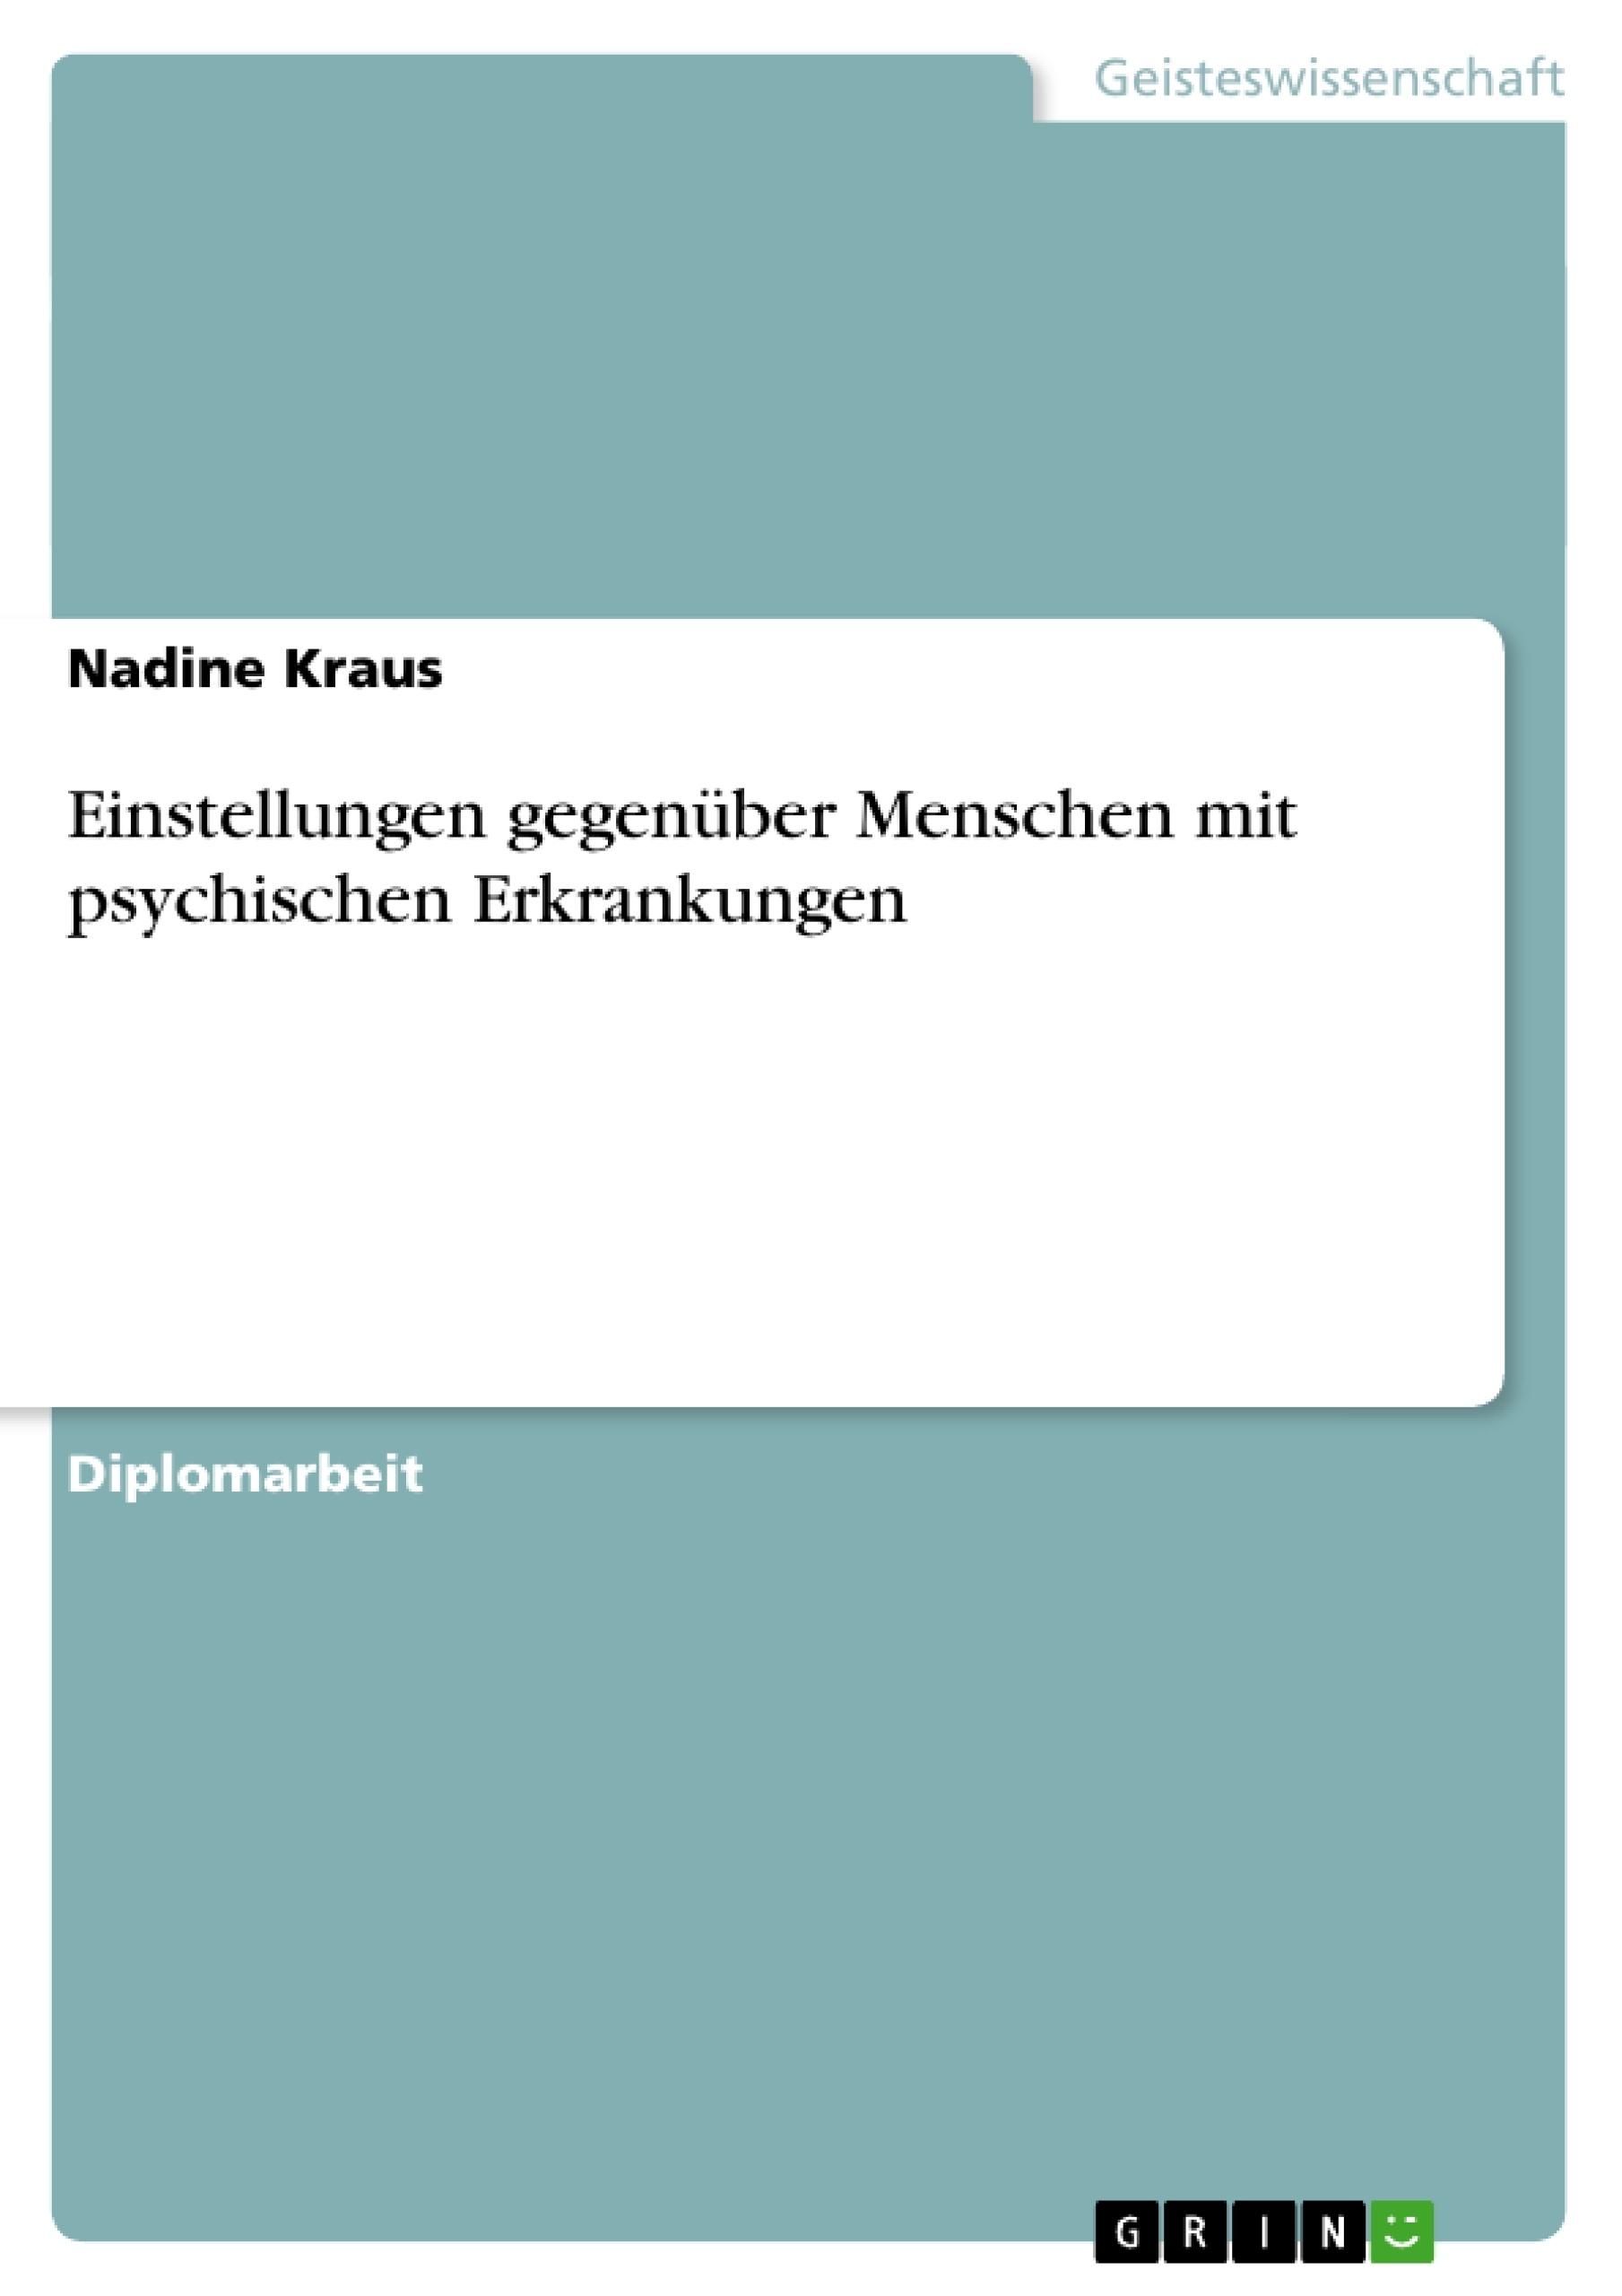 Titel: Einstellungen gegenüber Menschen mit psychischen Erkrankungen